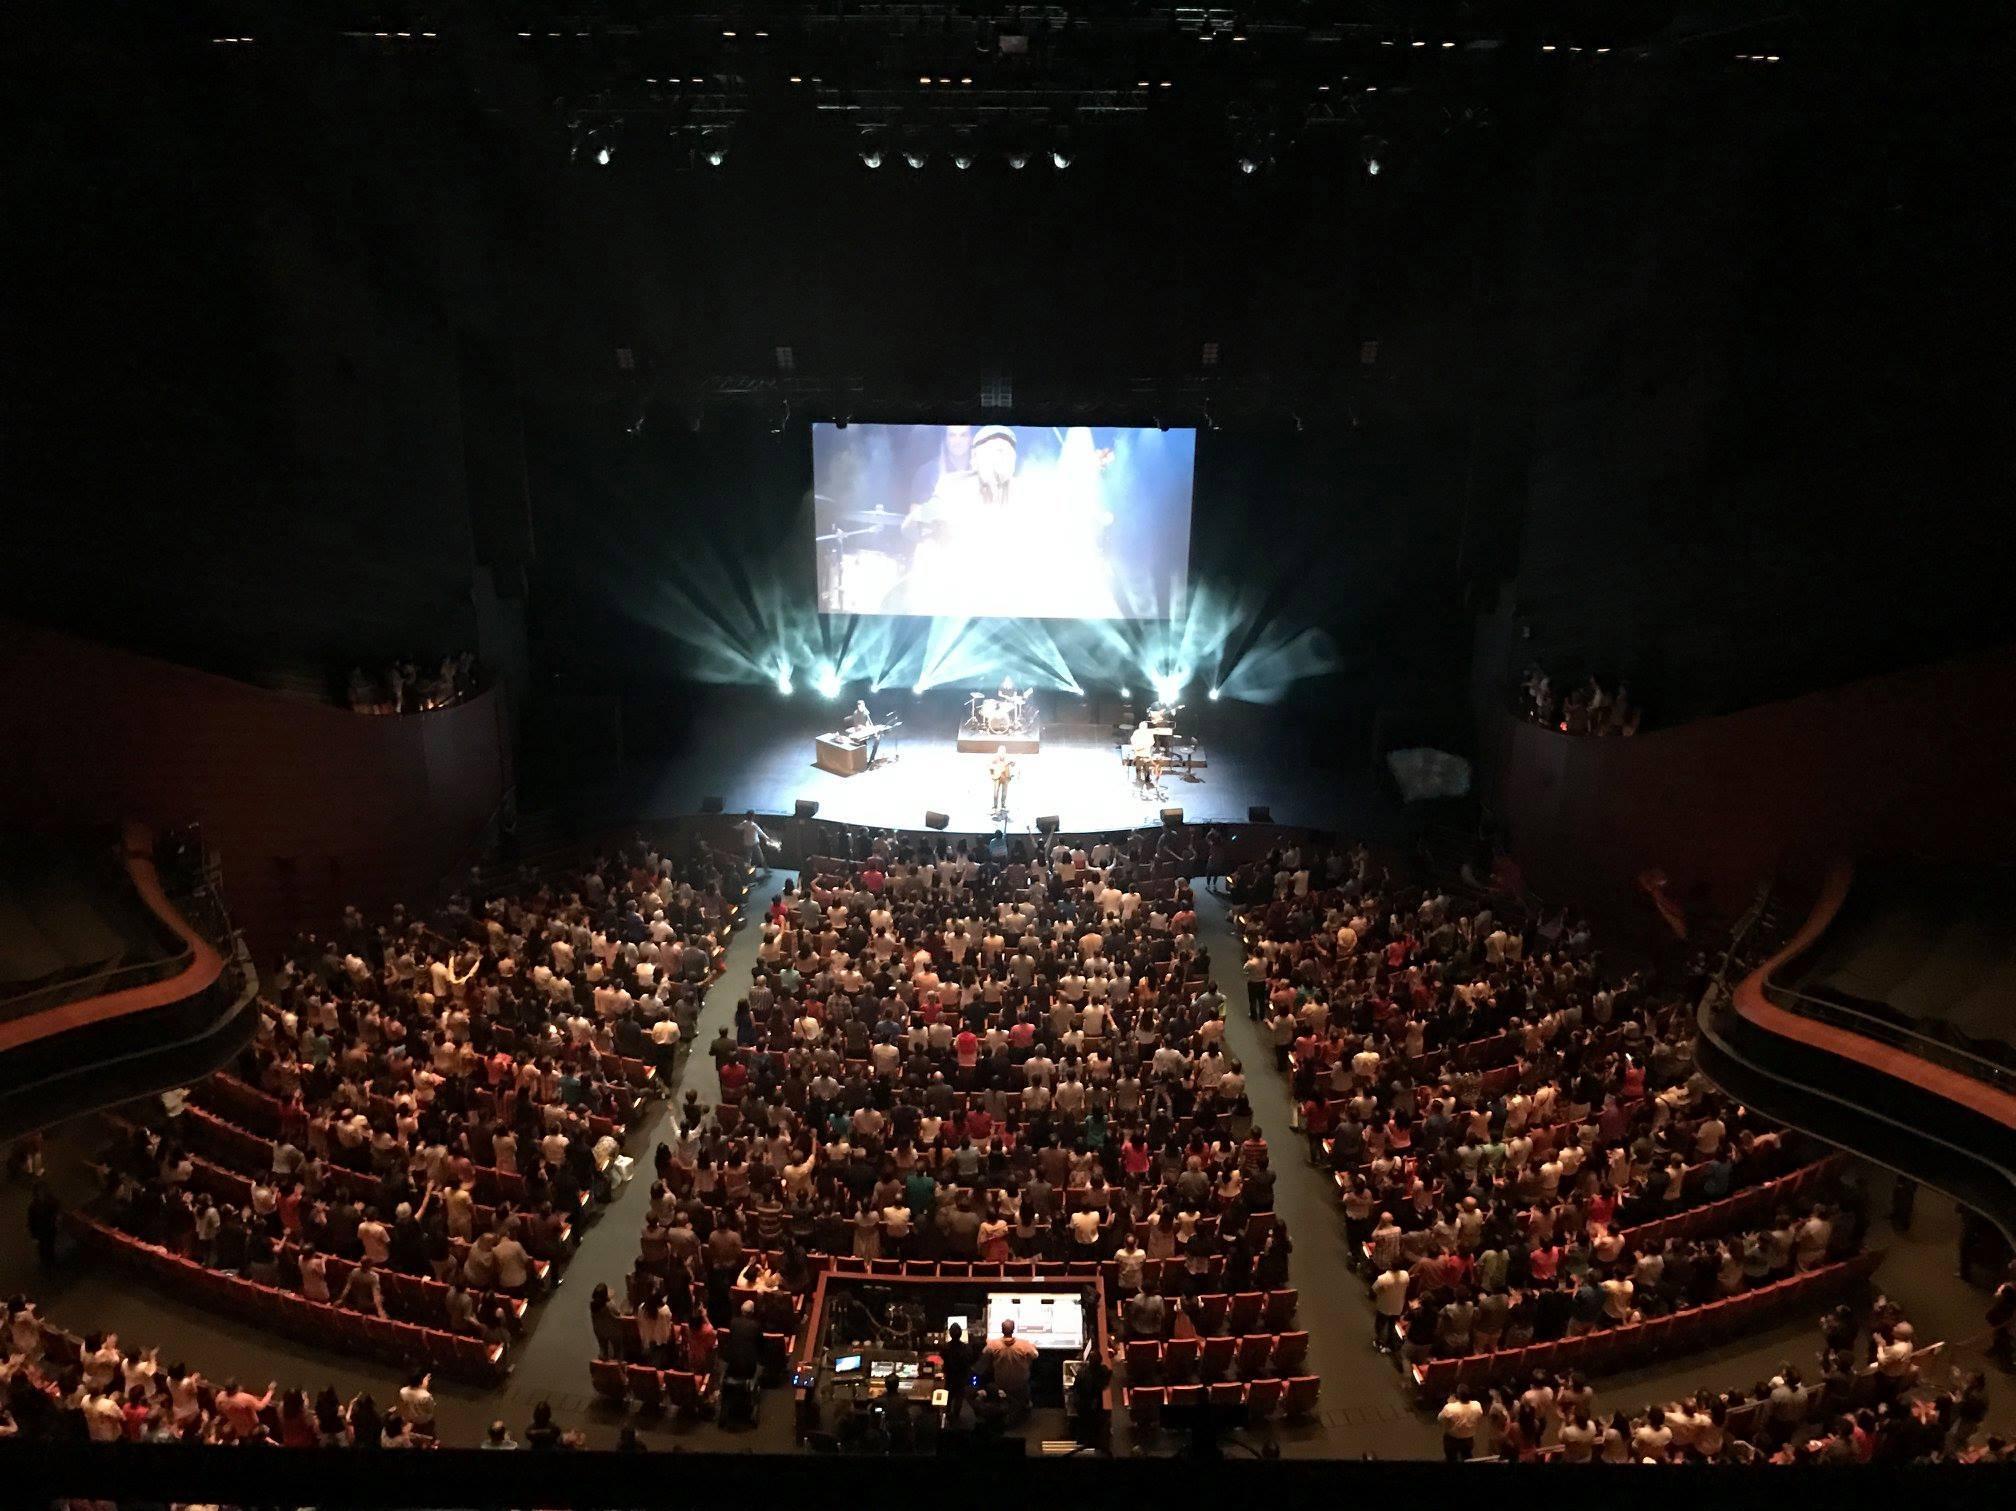 Paul Wilbur - Singapore: 12 Dec '16Concert @ The Star Theatre